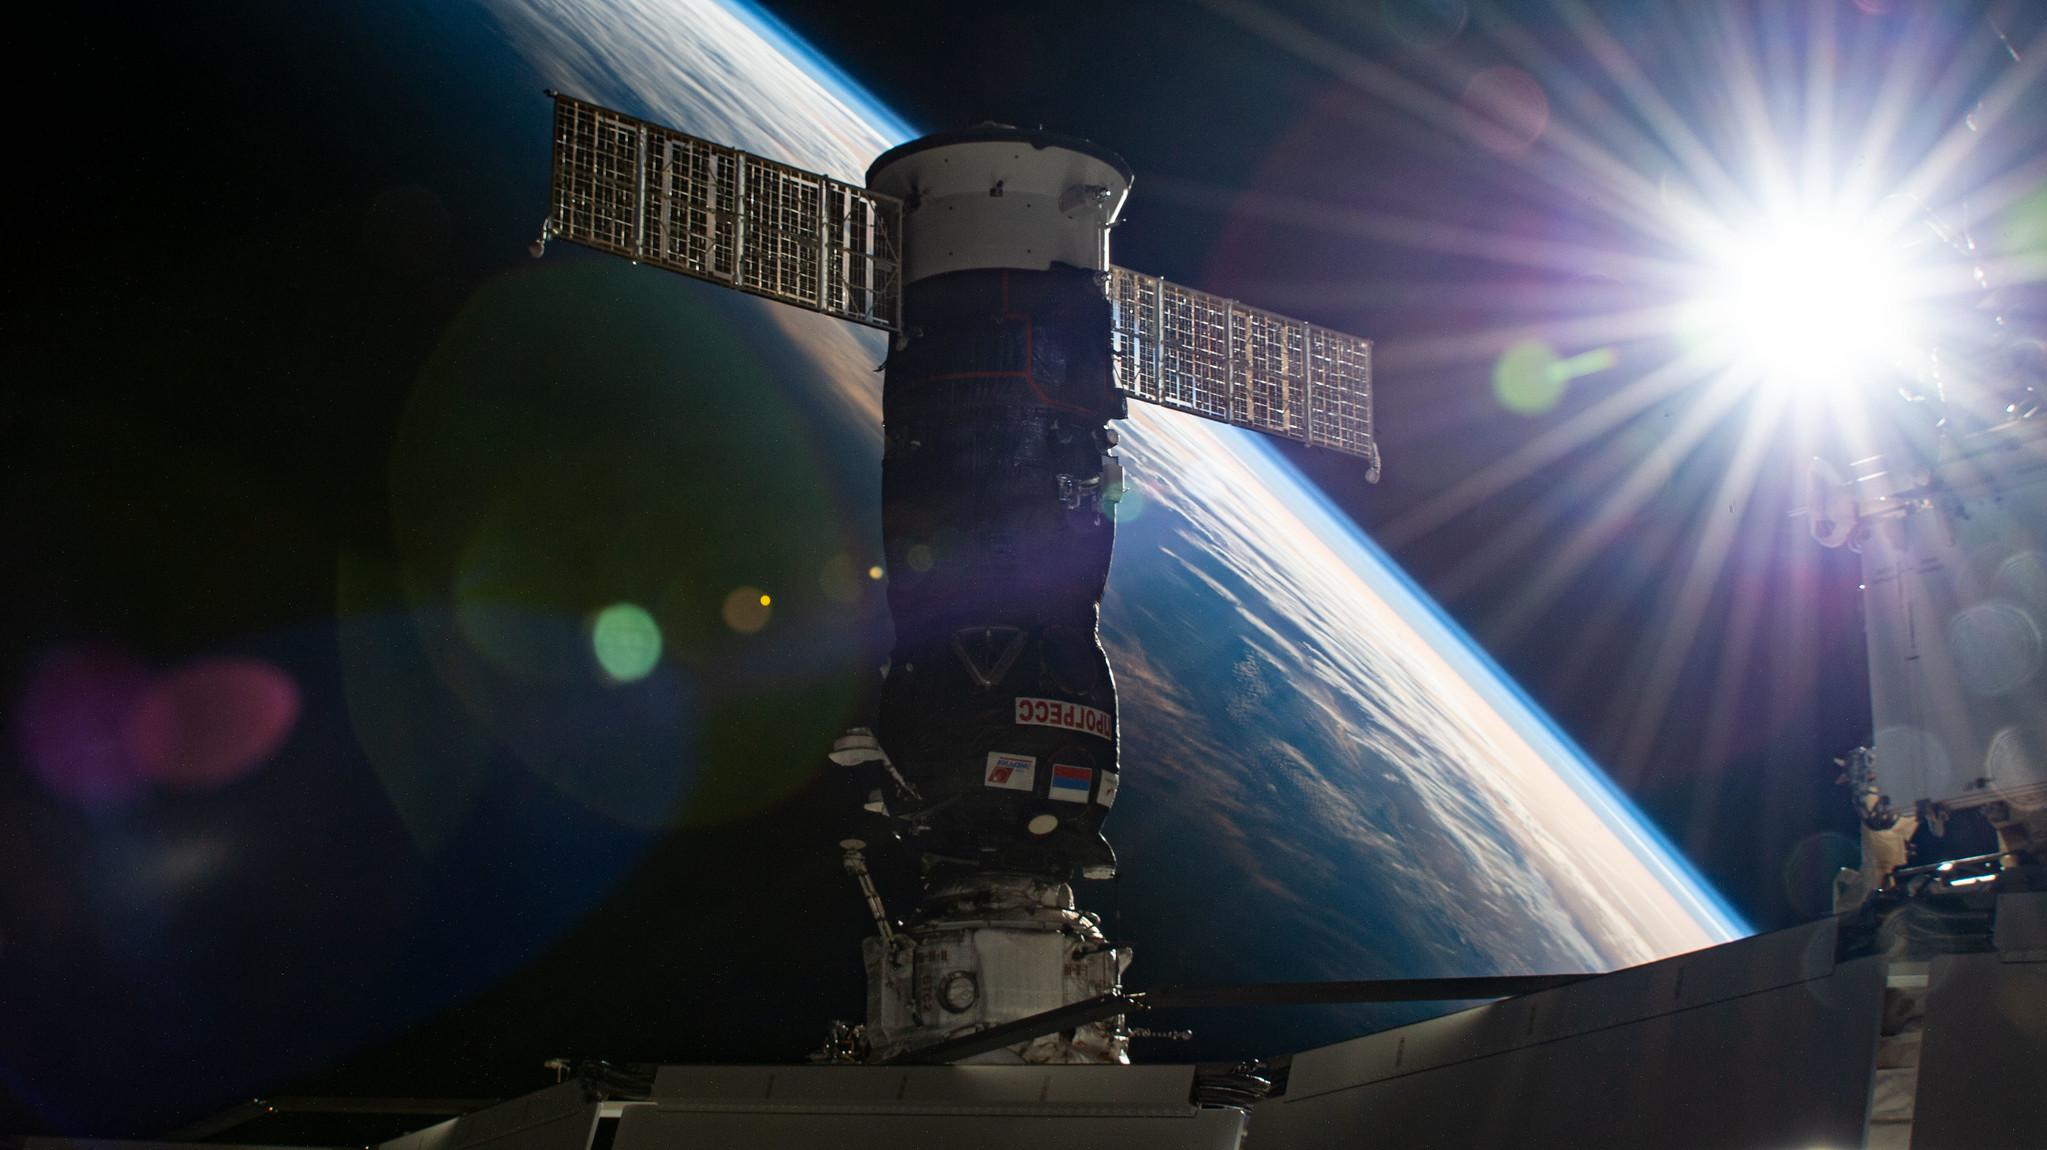 La Progress MS-16 attraccata al modulo Pirs poco prima della separazione. Credits: Roscosmos.